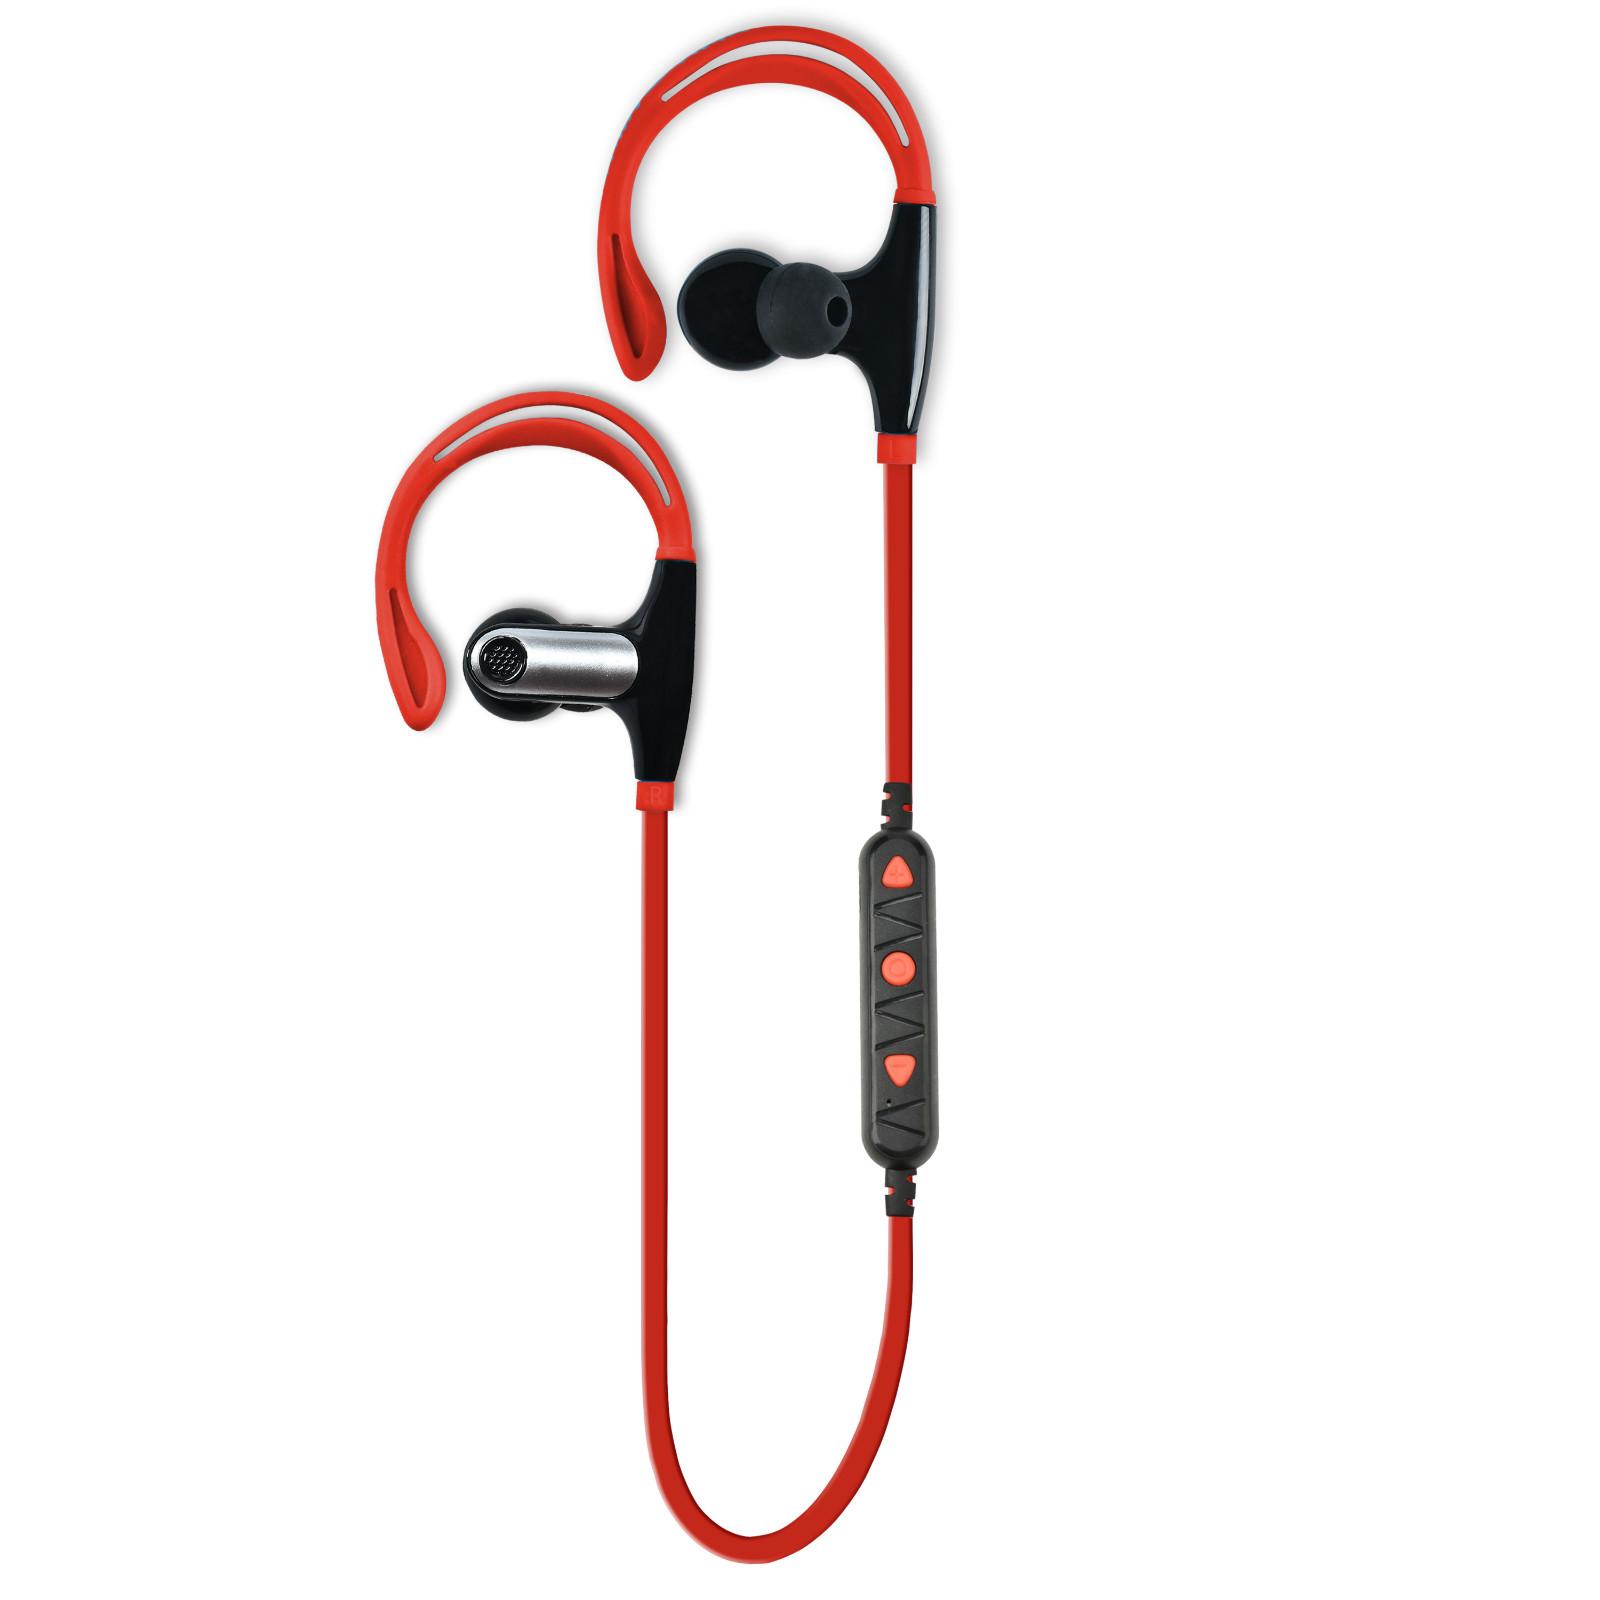 leftear f818 stereo wireless headset earphone earbud in ear bluetooth earphone ebay. Black Bedroom Furniture Sets. Home Design Ideas